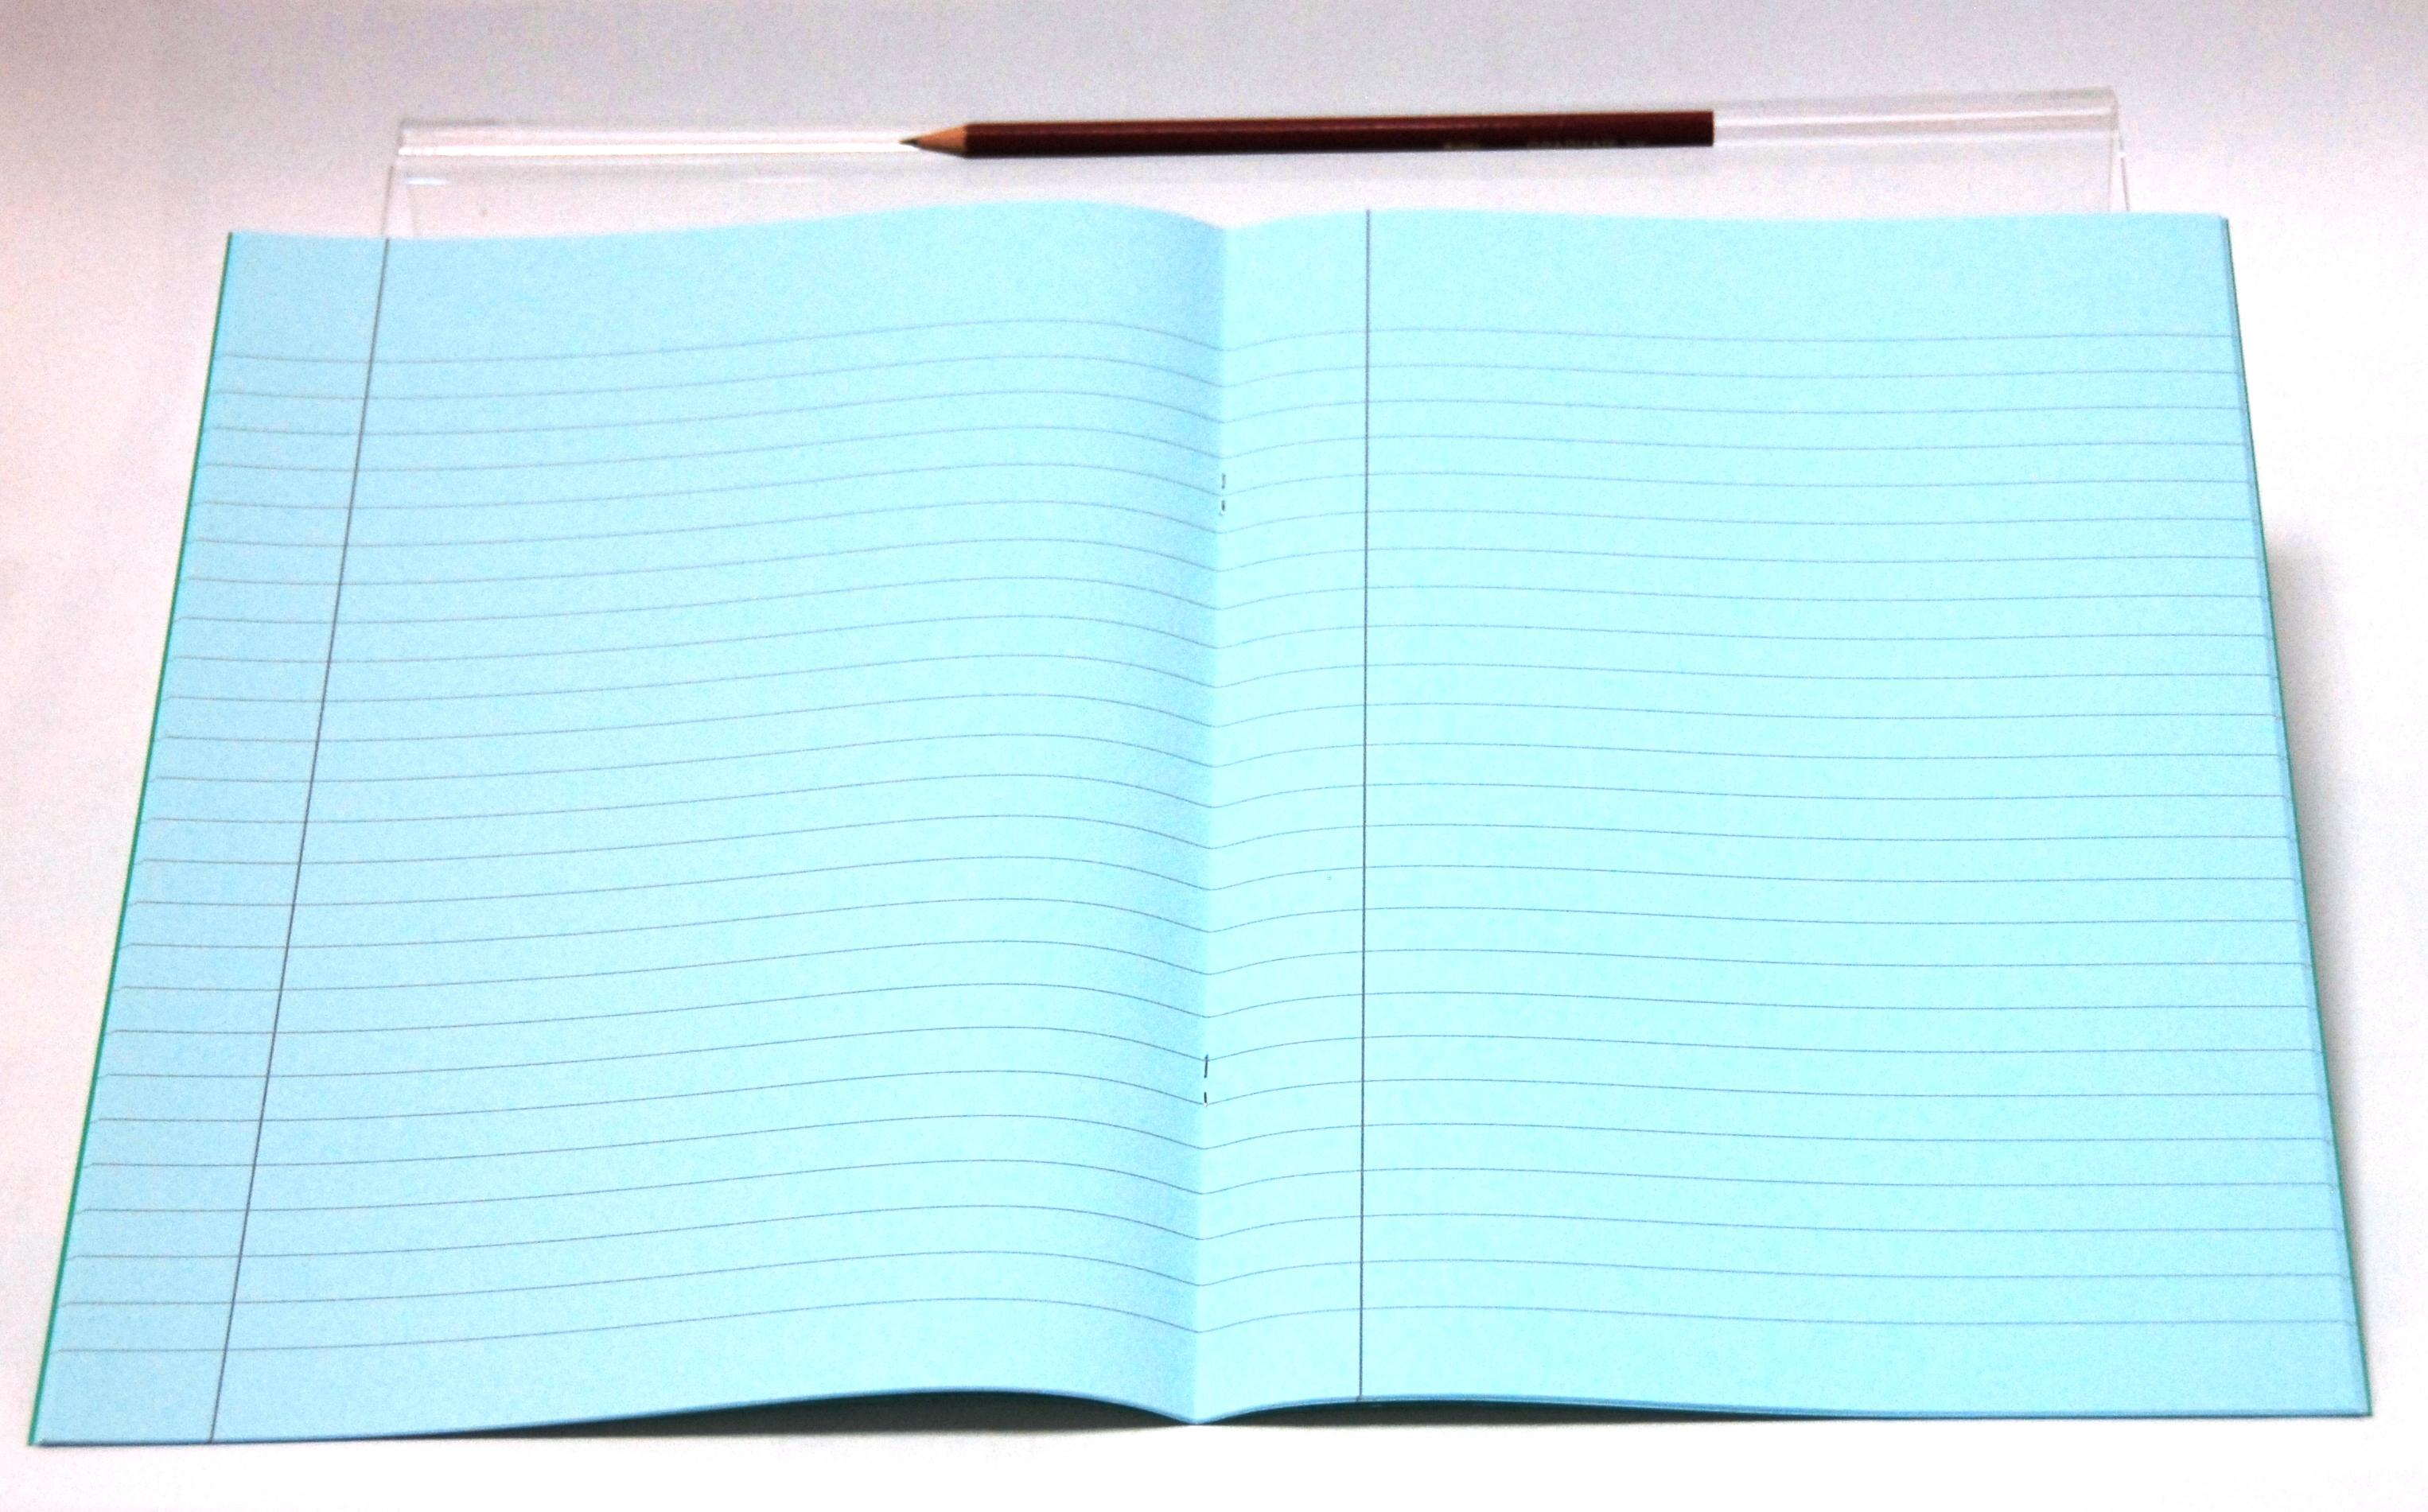 dyslexia-friendly tinted exercise books